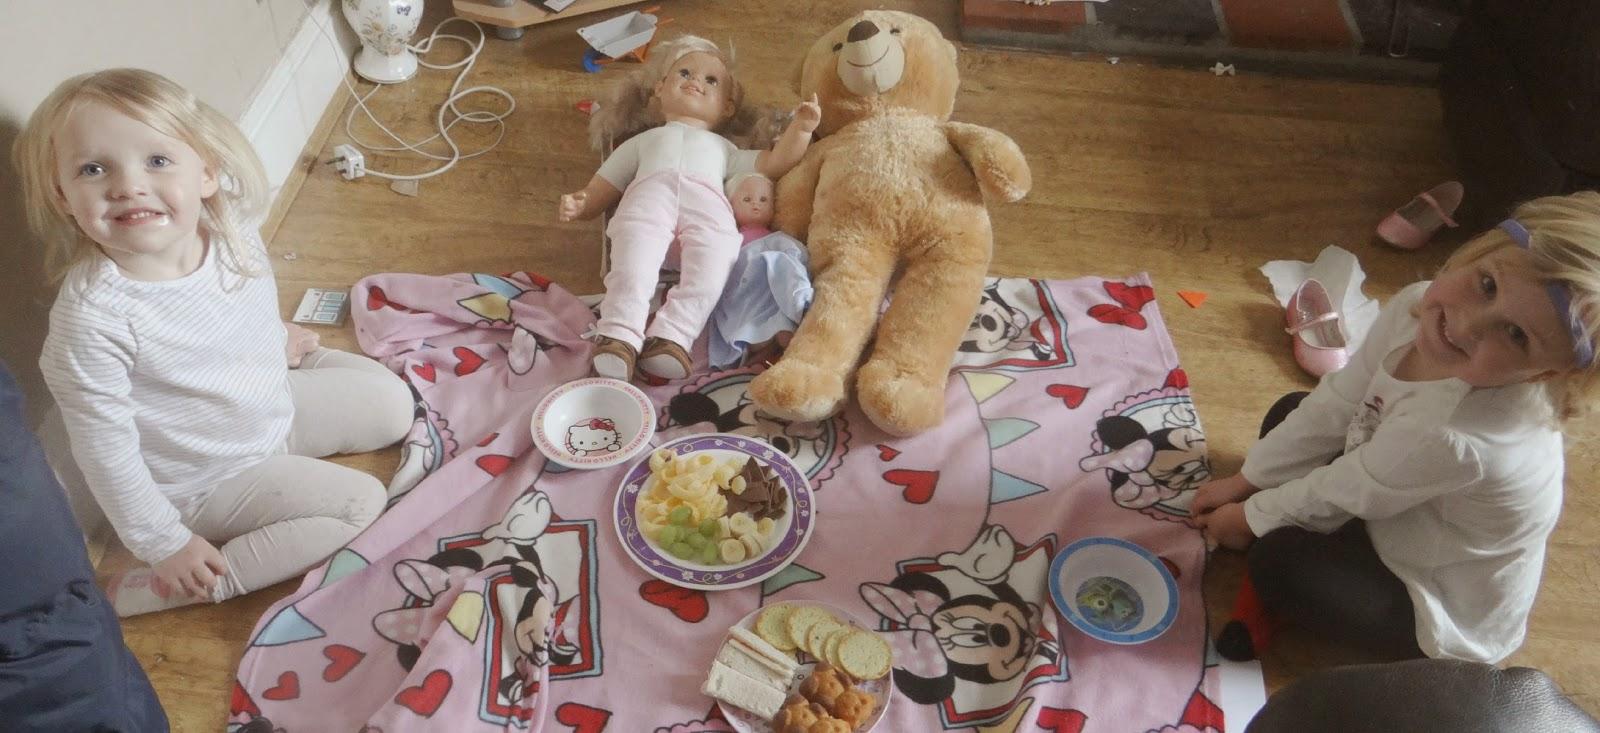 Our Teddy Bear Picnic — Beth Owen